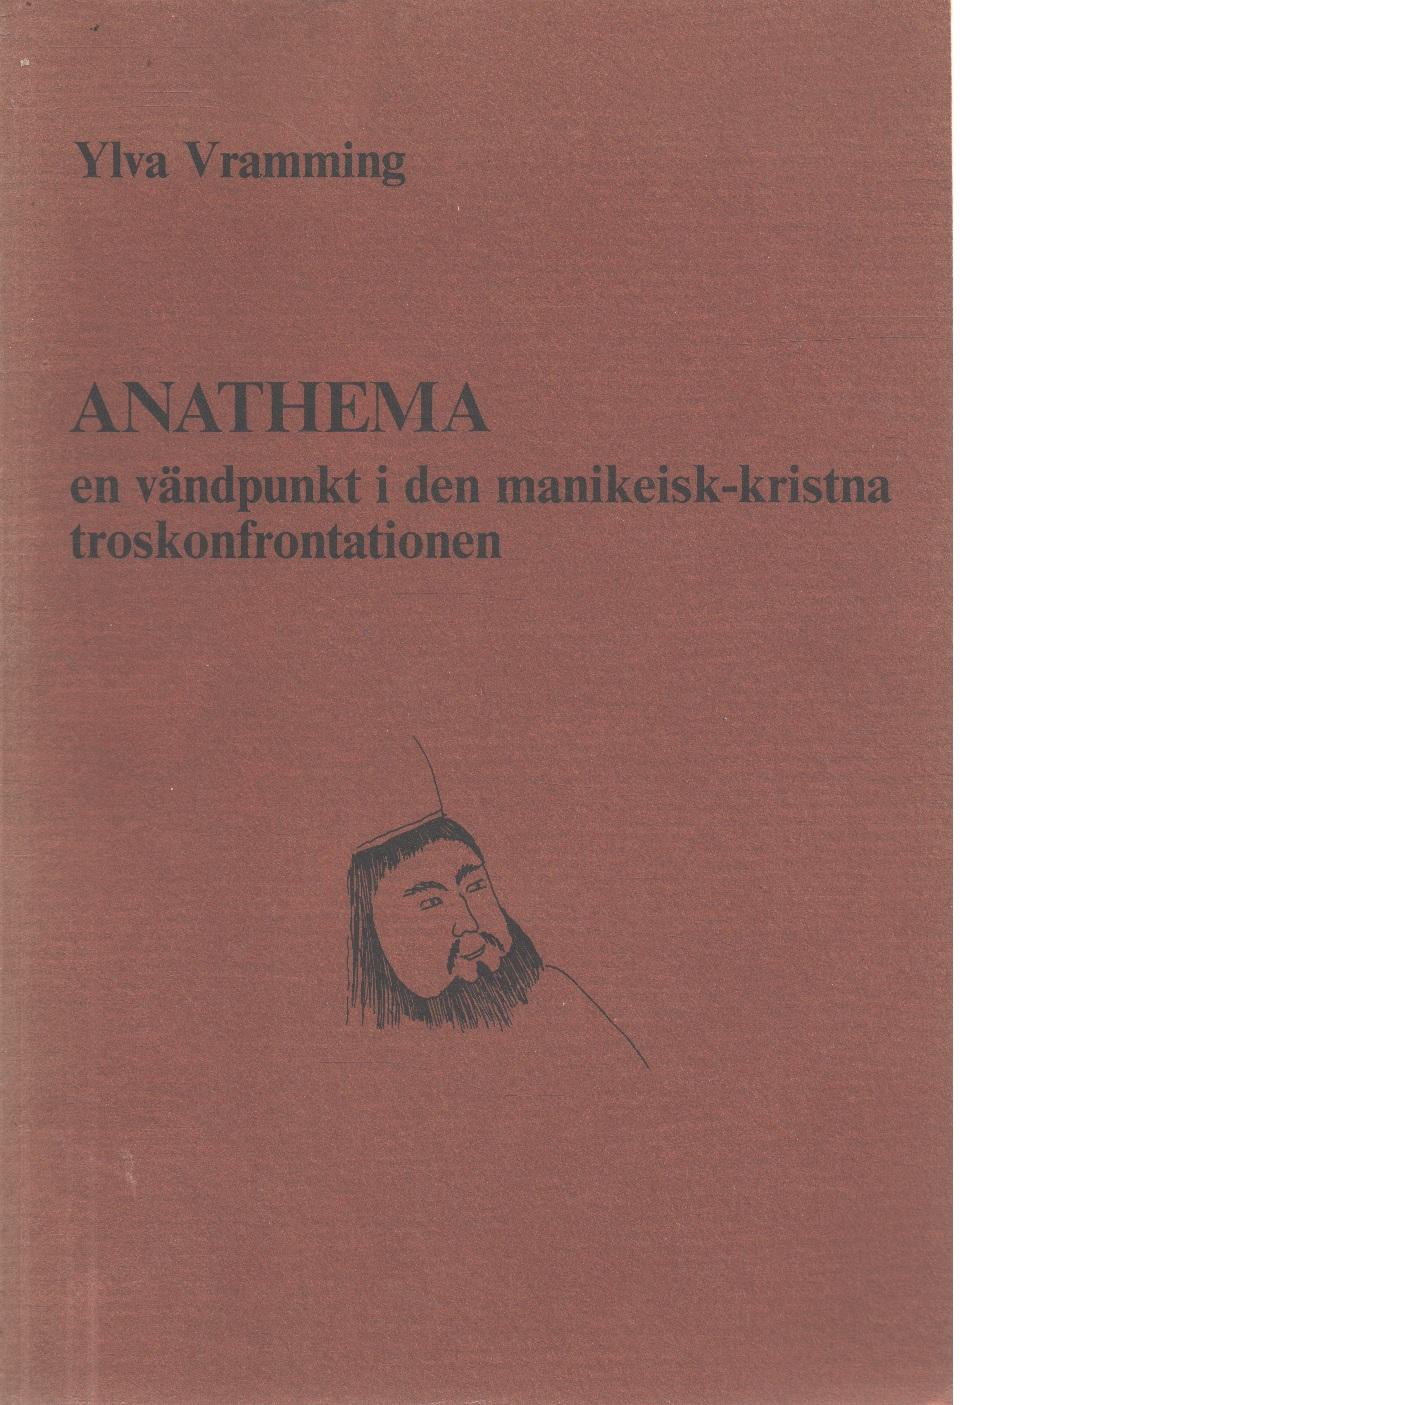 Anathema - Vramming, Ylva